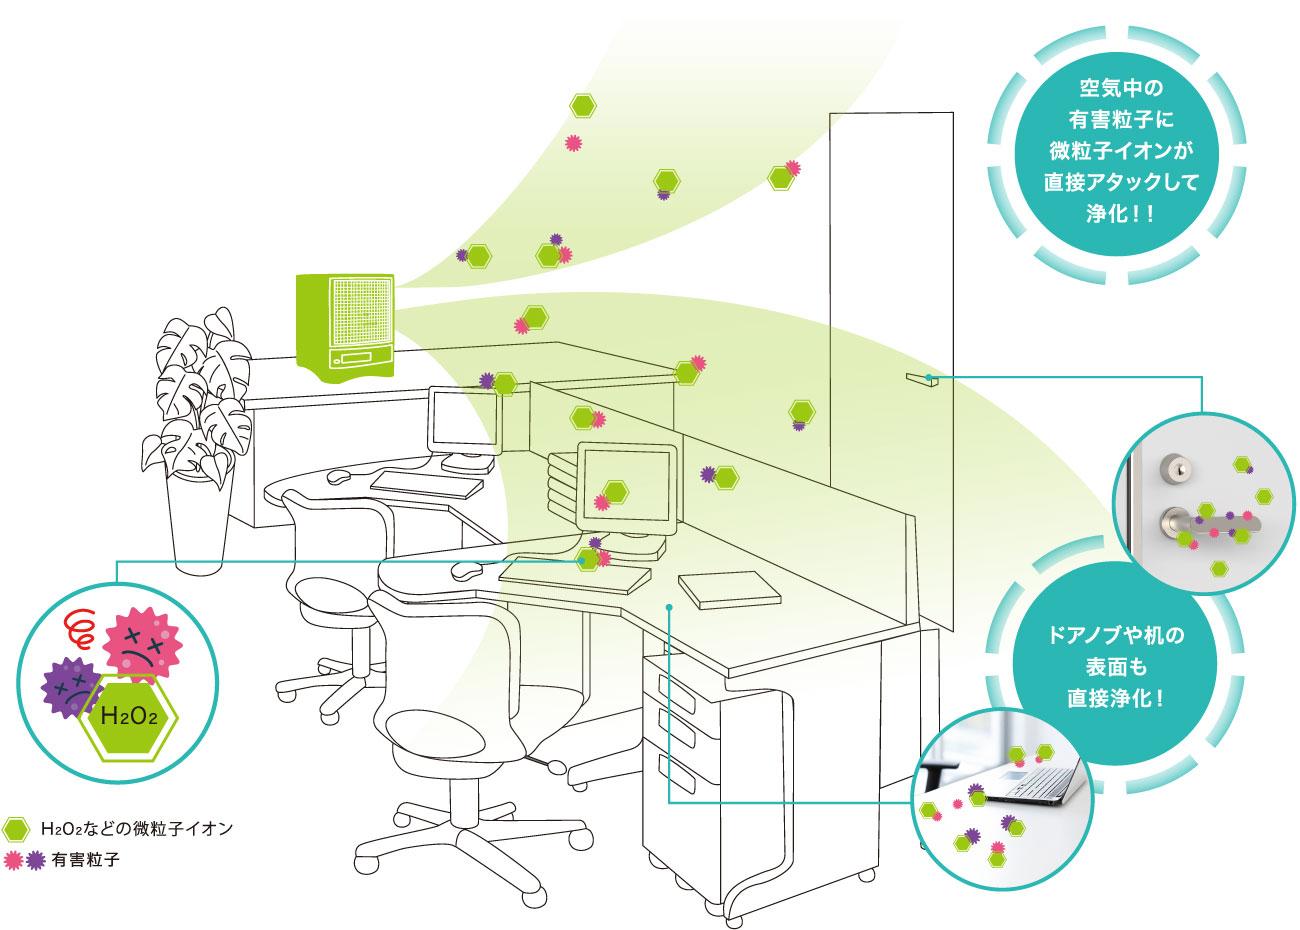 空気中の有害物質に直接アタック、ドアノブや机の表面も直接浄化